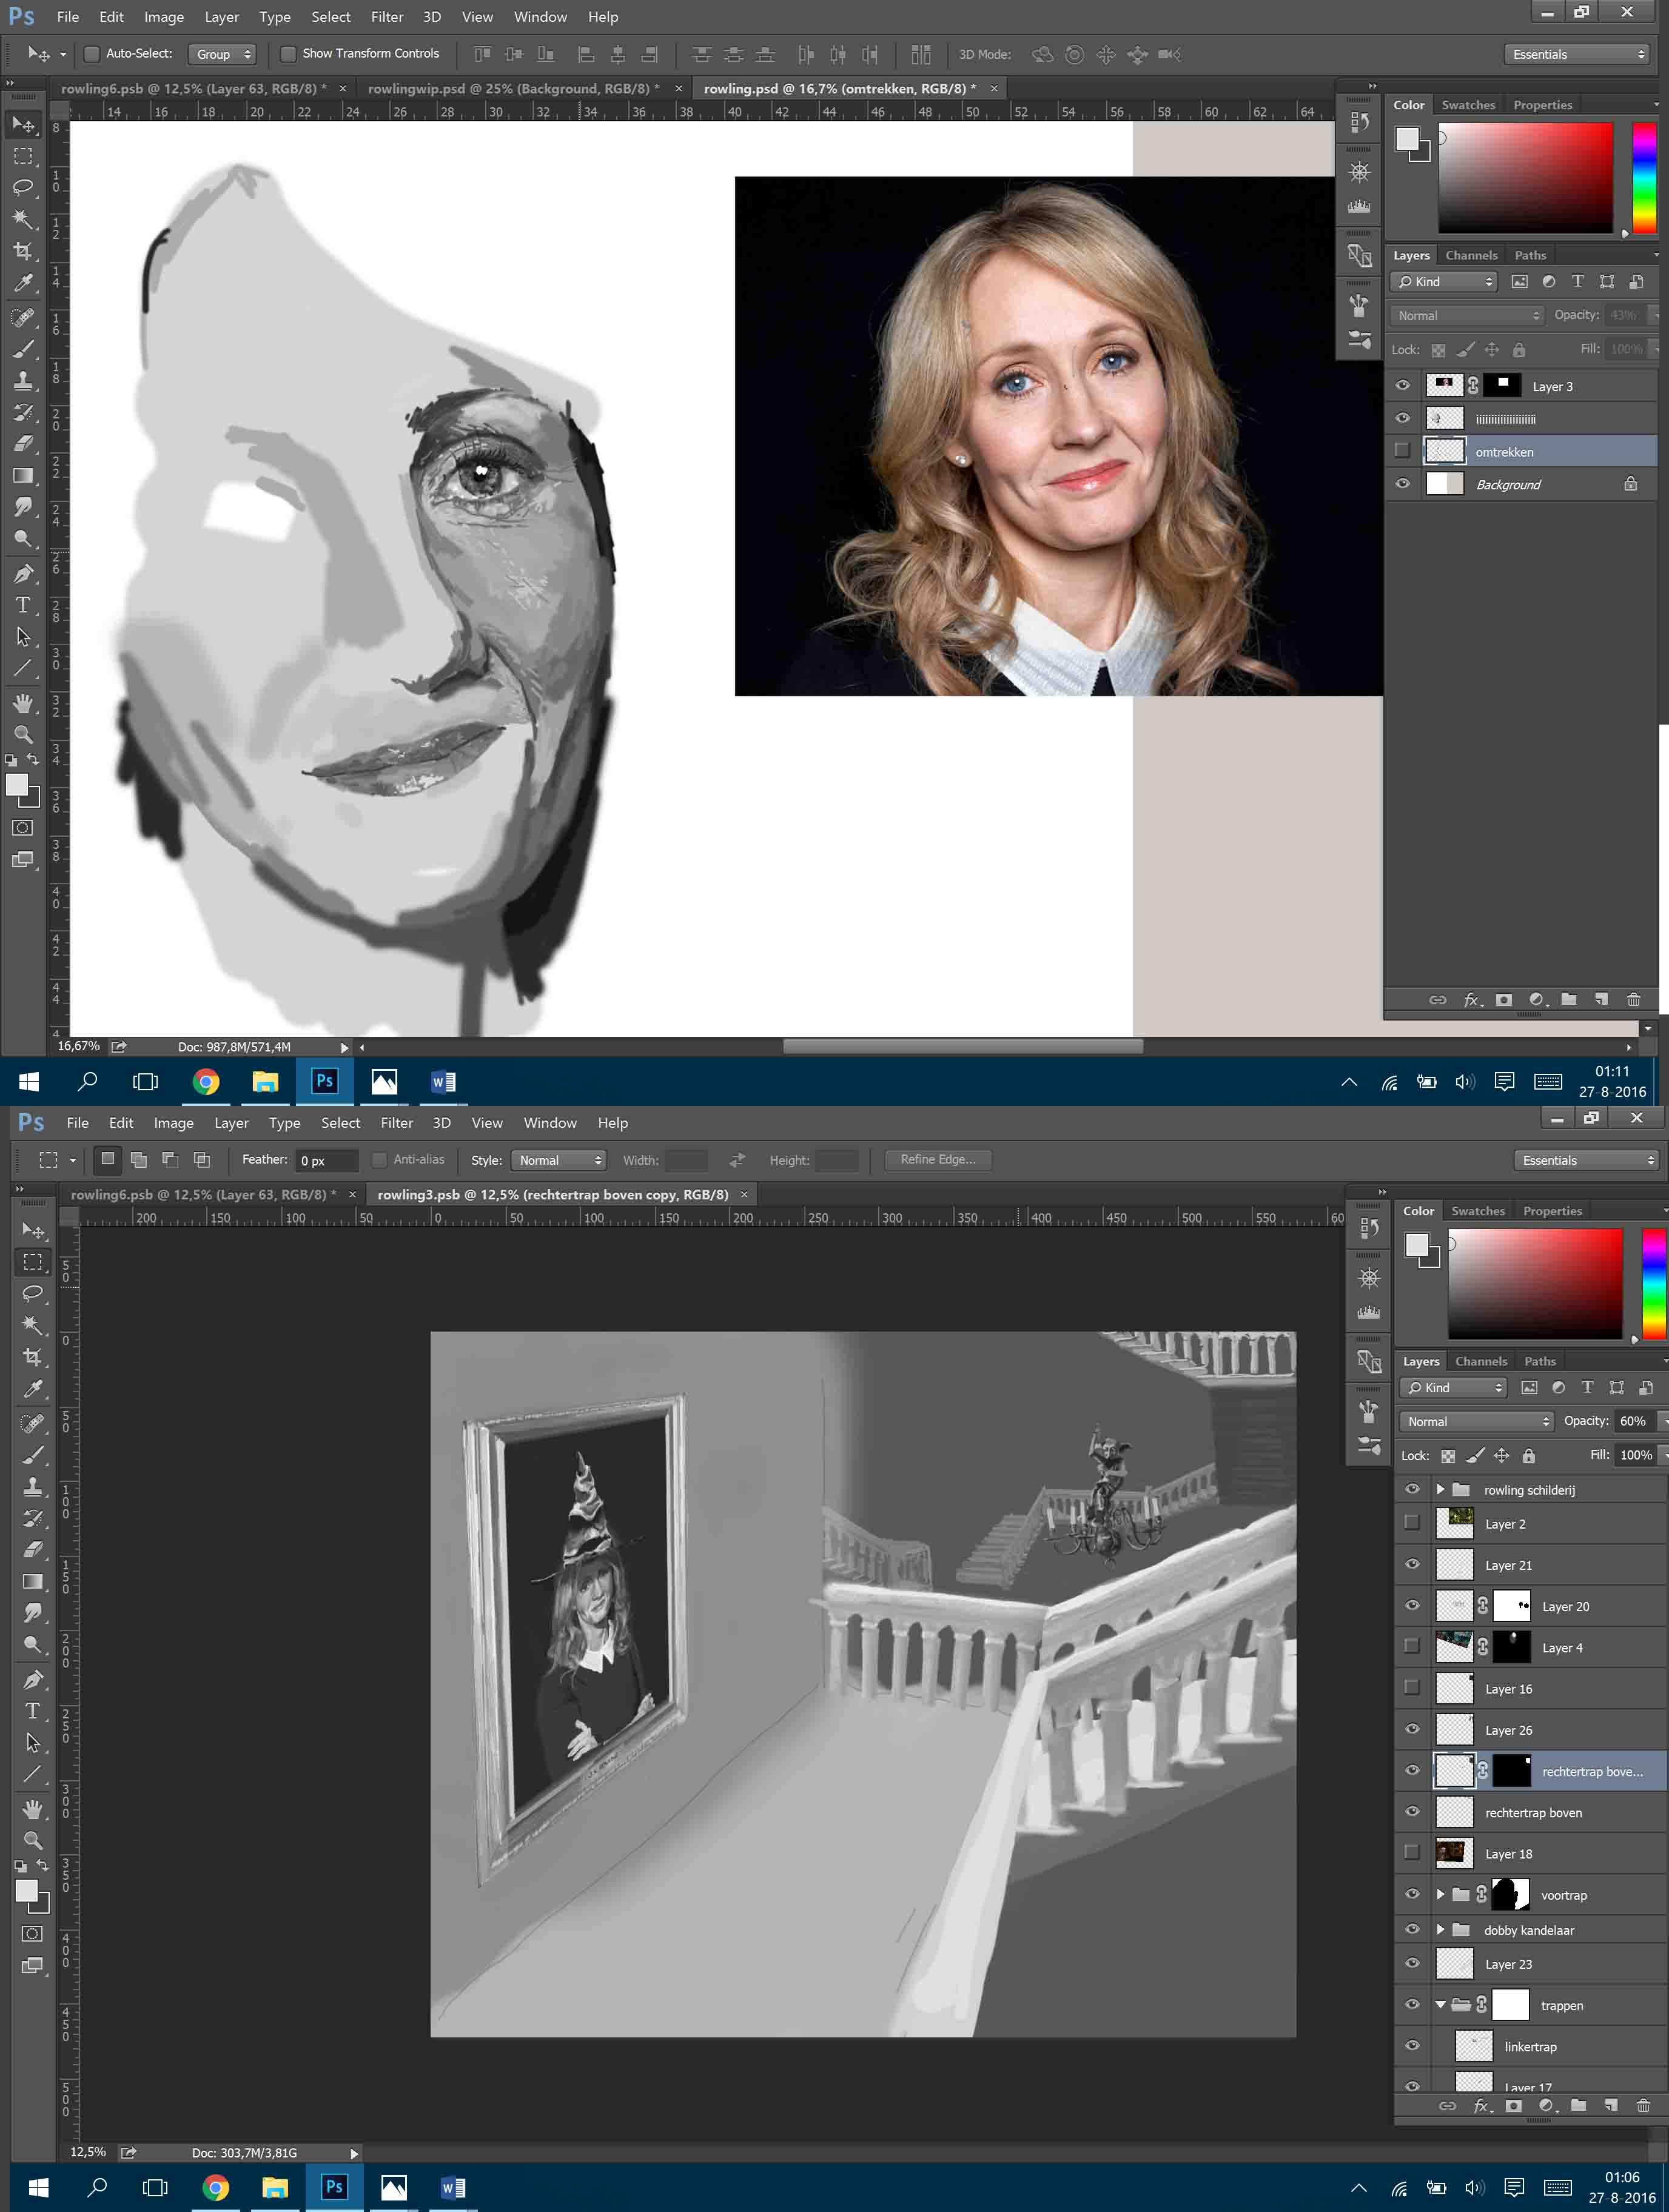 Work in progress - The smart lady